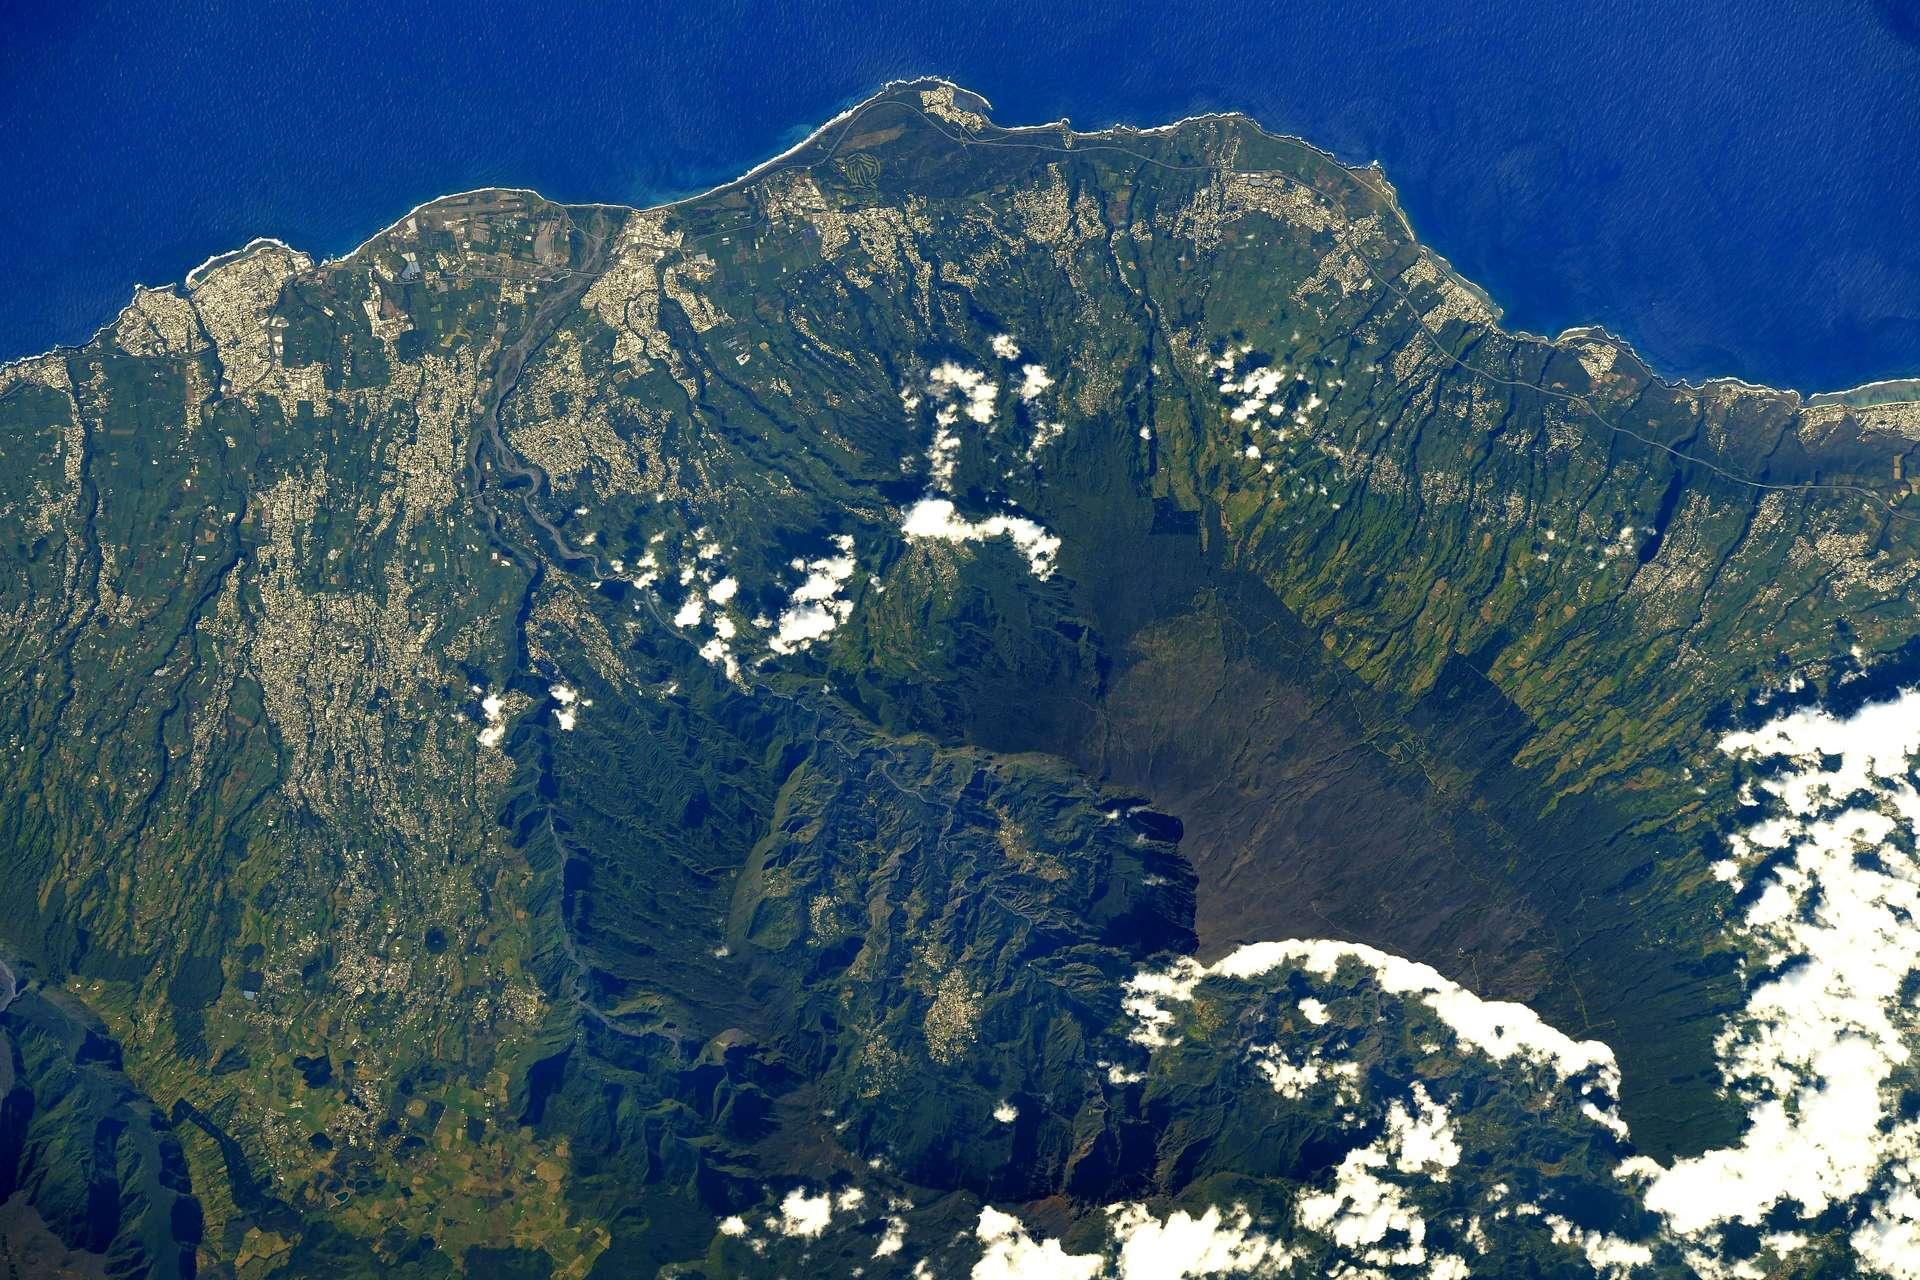 L'astronaute français s'émerveille et publie sur son compte twitter : « Le sud-ouest de la Réunion avec la côte et le cirque de Cilaos. J'ai eu la chance d'y aller une fois – quelle énergie sur cette île, un vrai paradis pour les fans de sport ! » © ESA, Nasa, Thomas Pesquet